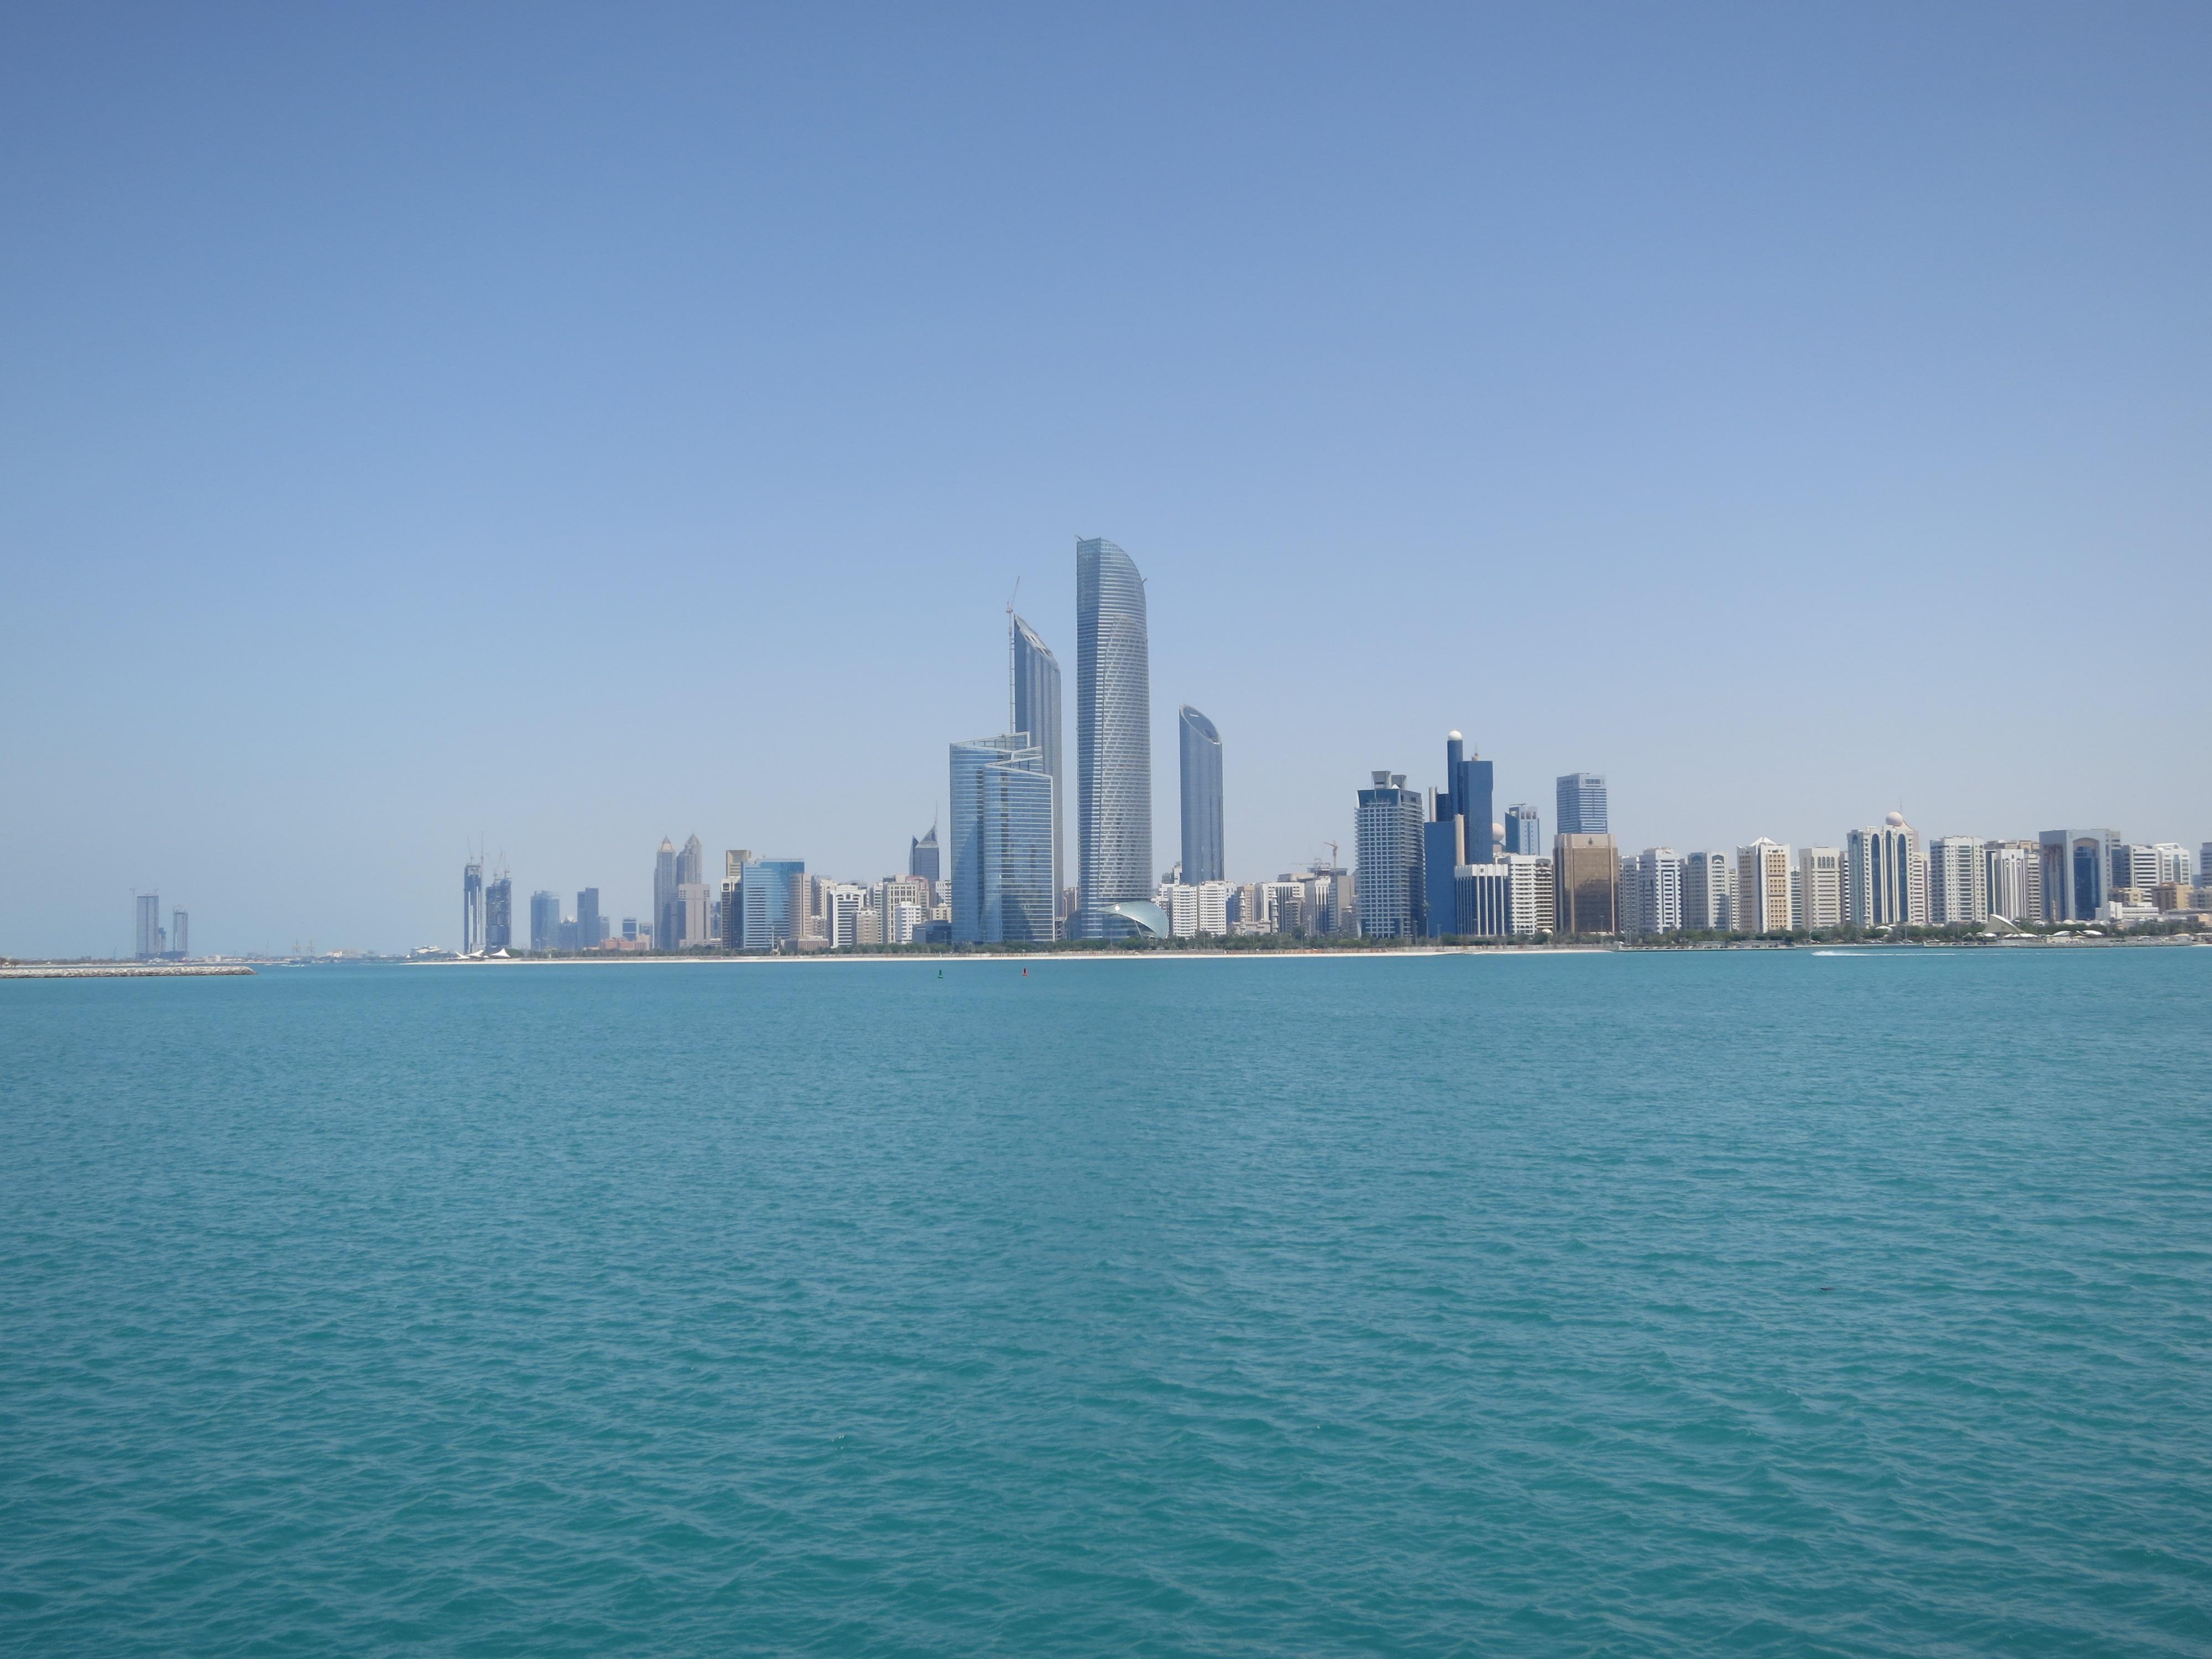 File:Abu Dhabi Skyline from Marina,jpg.jpg - Wikipedia, the free